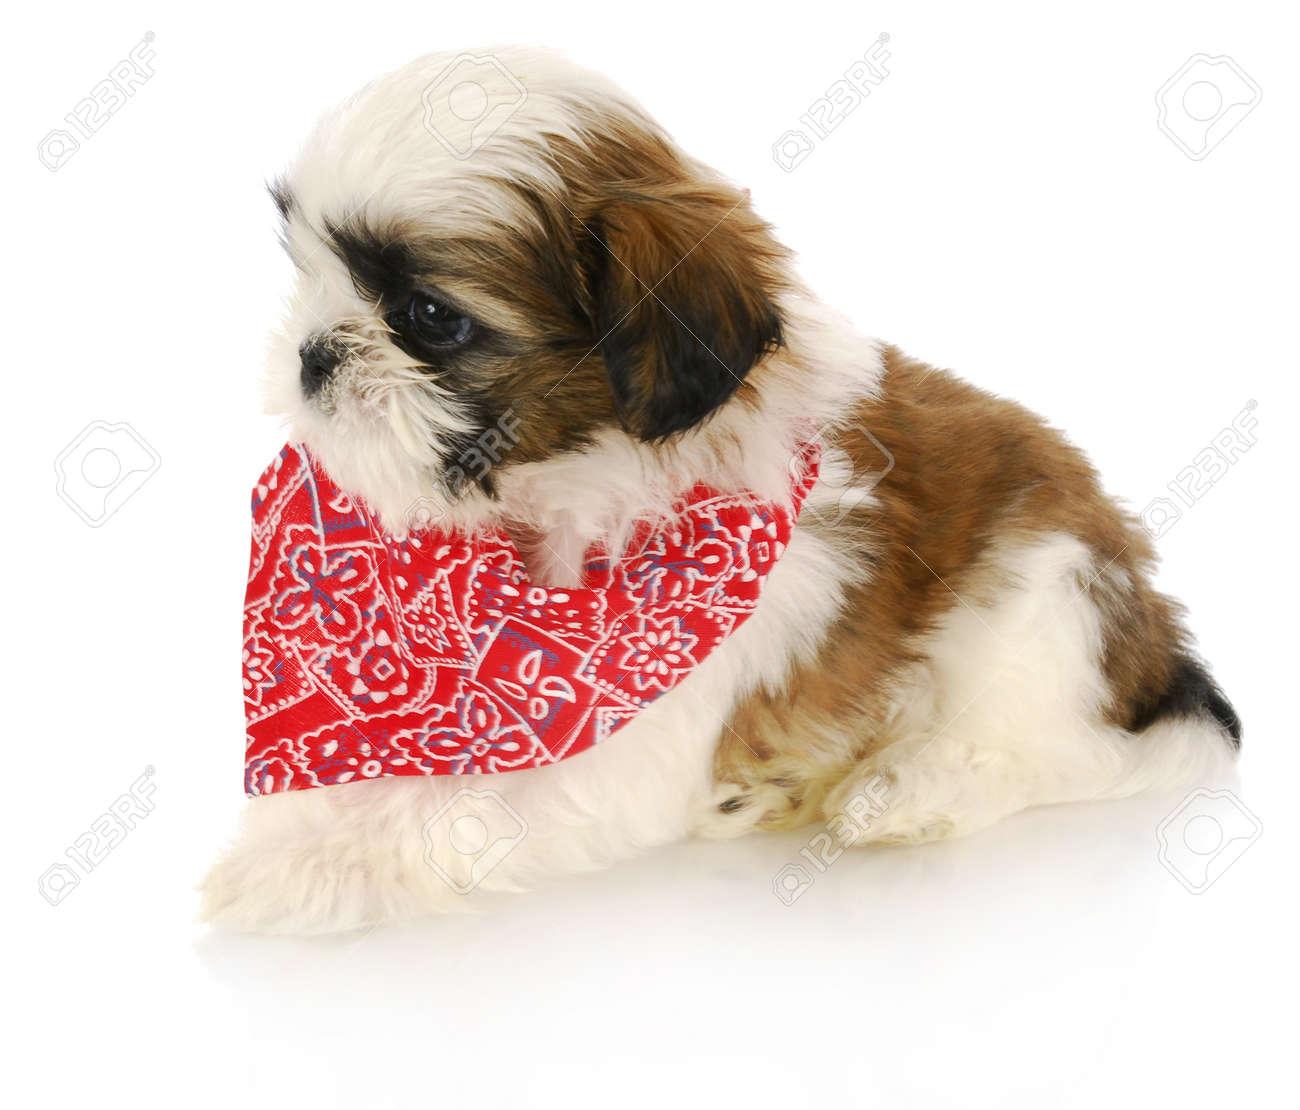 Shih Tzu Puppy Vistiendo Bandanna Rojo Con La Reflexion Sobre Fondo Blanco Fotos Retratos Imagenes Y Fotografia De Archivo Libres De Derecho Image 8548312